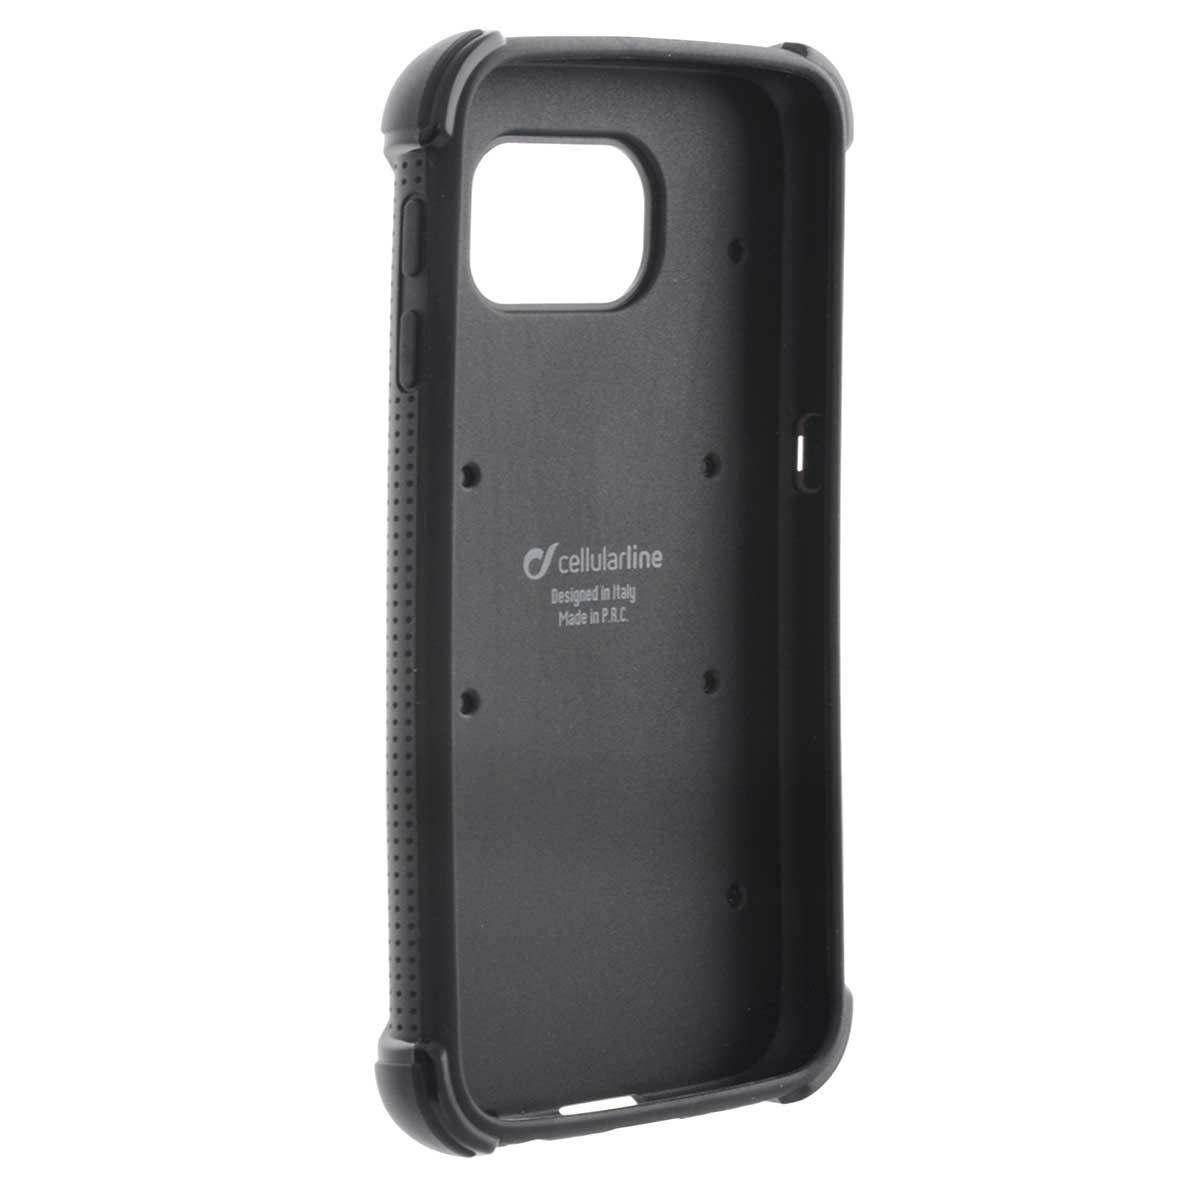 Cellular Line Hammer чехол для Samsung Galaxy S6, Black + защитная пленкаHAMMERCGALS6KCellular Line Hammer - стильный и прочный чехол для любителей высококачественных, дизайнерских и инновационных аксессуаров. Данная модель отлично защищает устройство от механических повреждений, царапин, и потертостей. Все разъемы и элементы управления смартфоном открыты и легко доступны.